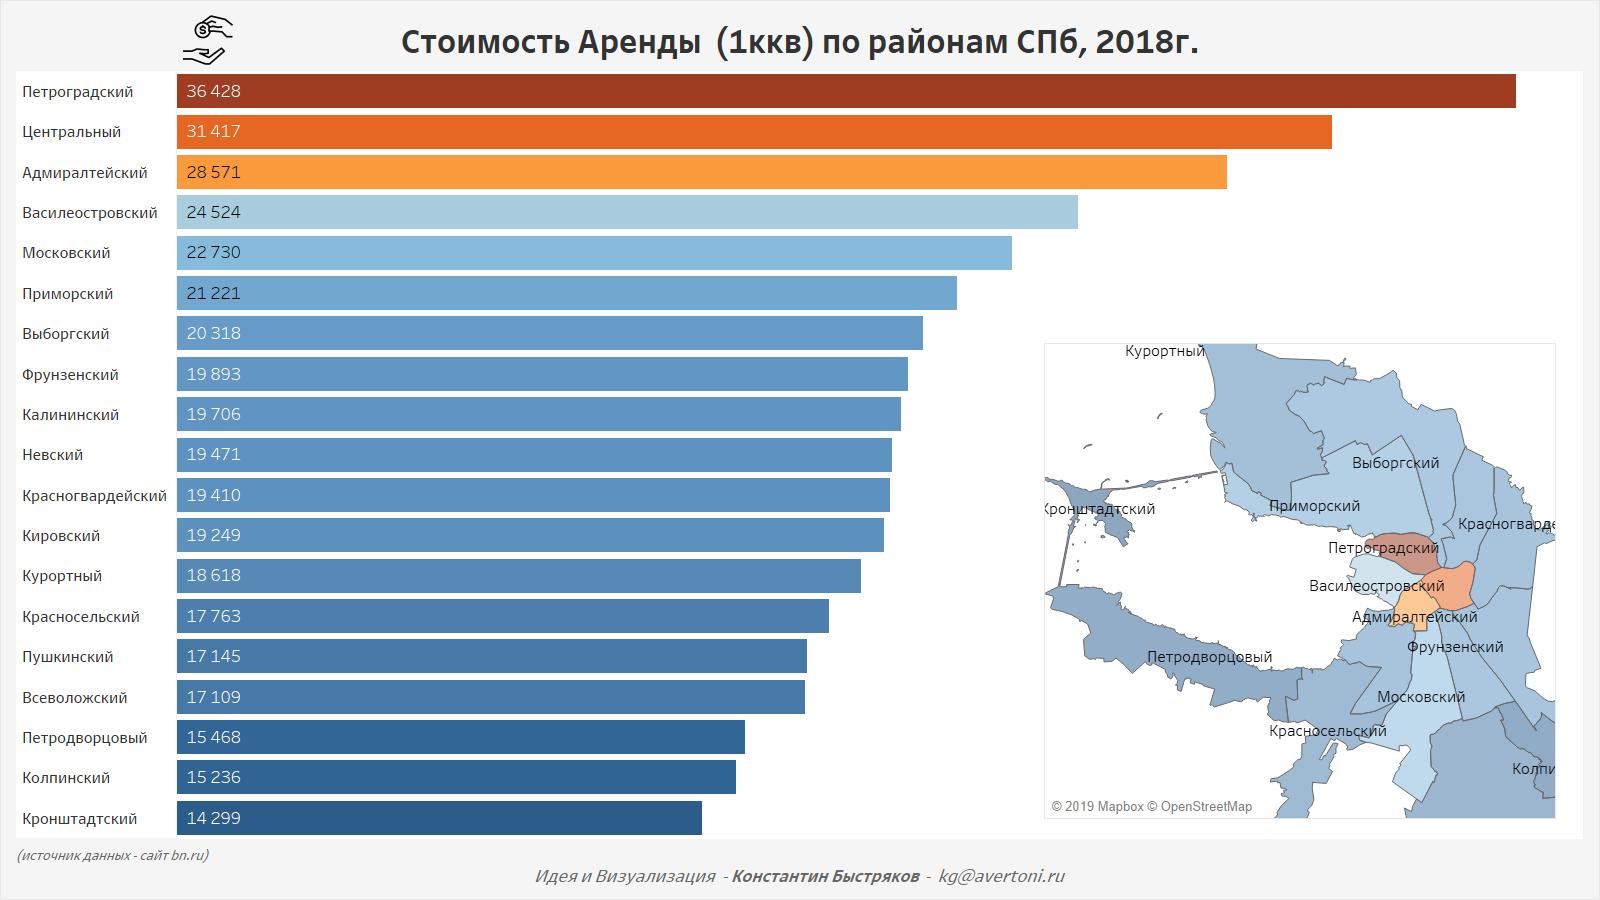 График стоимости аренды 1 комнатной квартиры по районам Санкт-Петербурга в 2018 году.